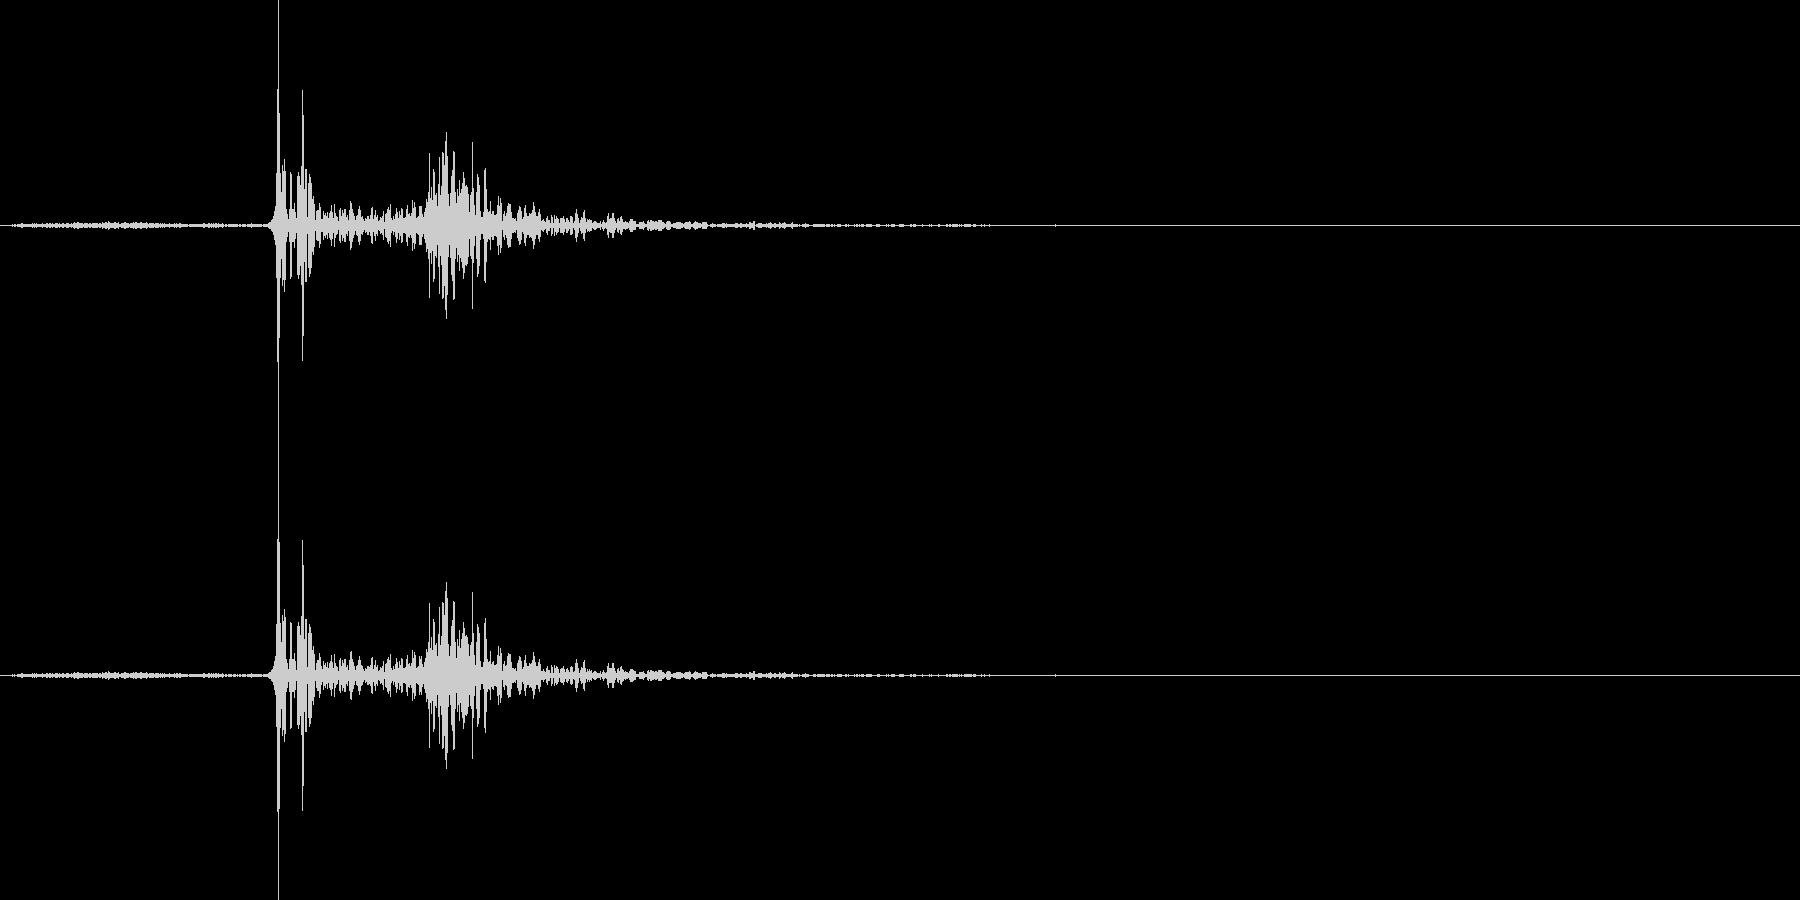 【マイク収録】物陰で何かが動いた物音の未再生の波形